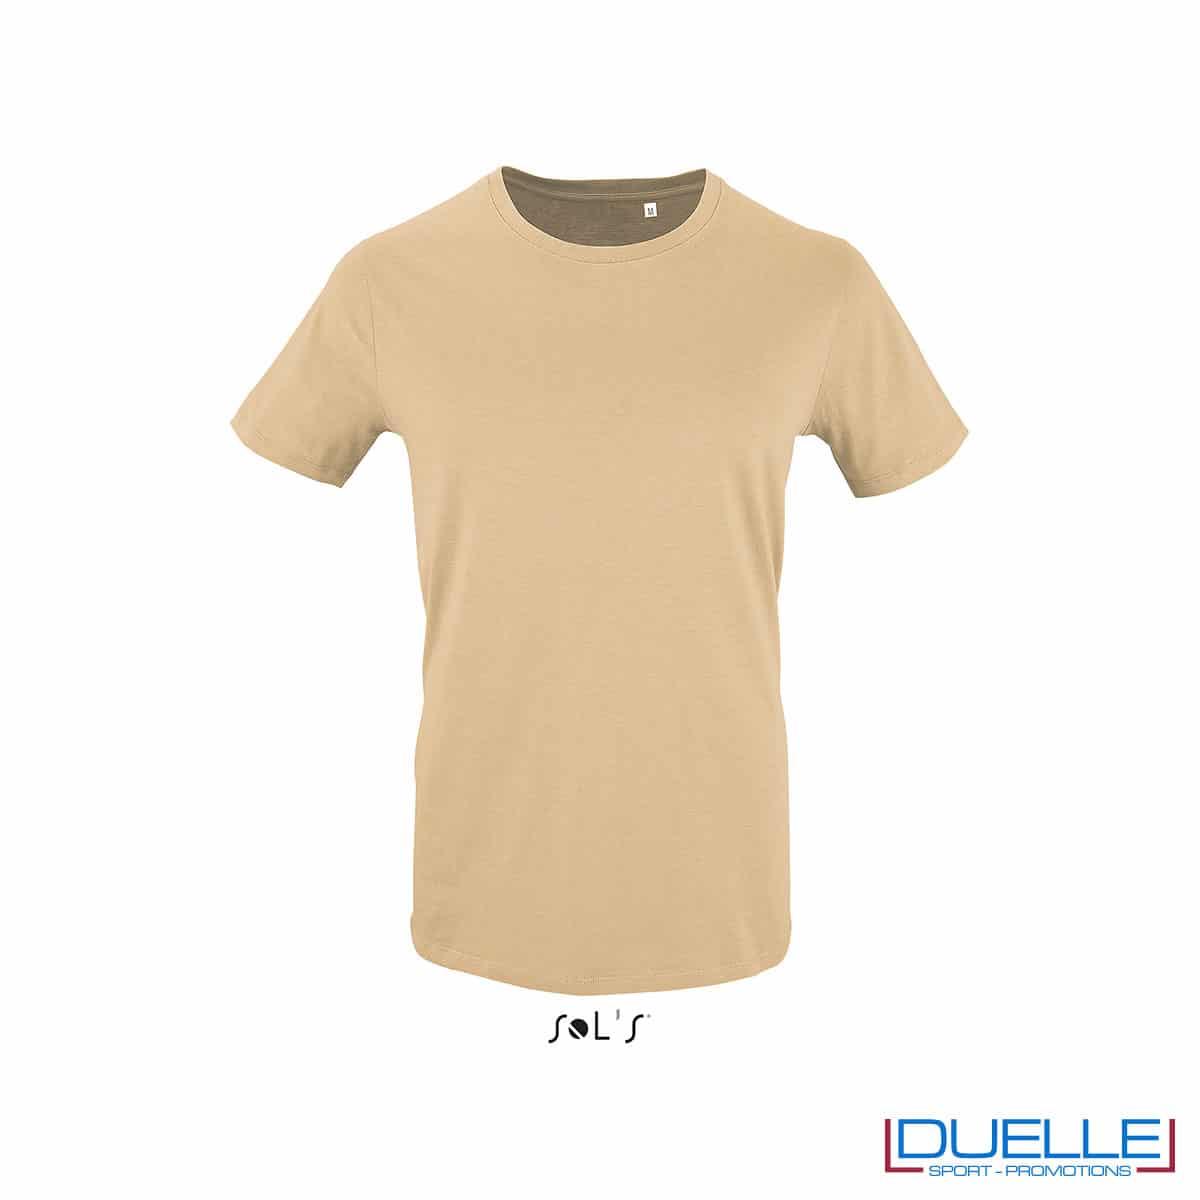 T-shirt 100% cotone biologico colore sabbia personalizzata con il tuo logo